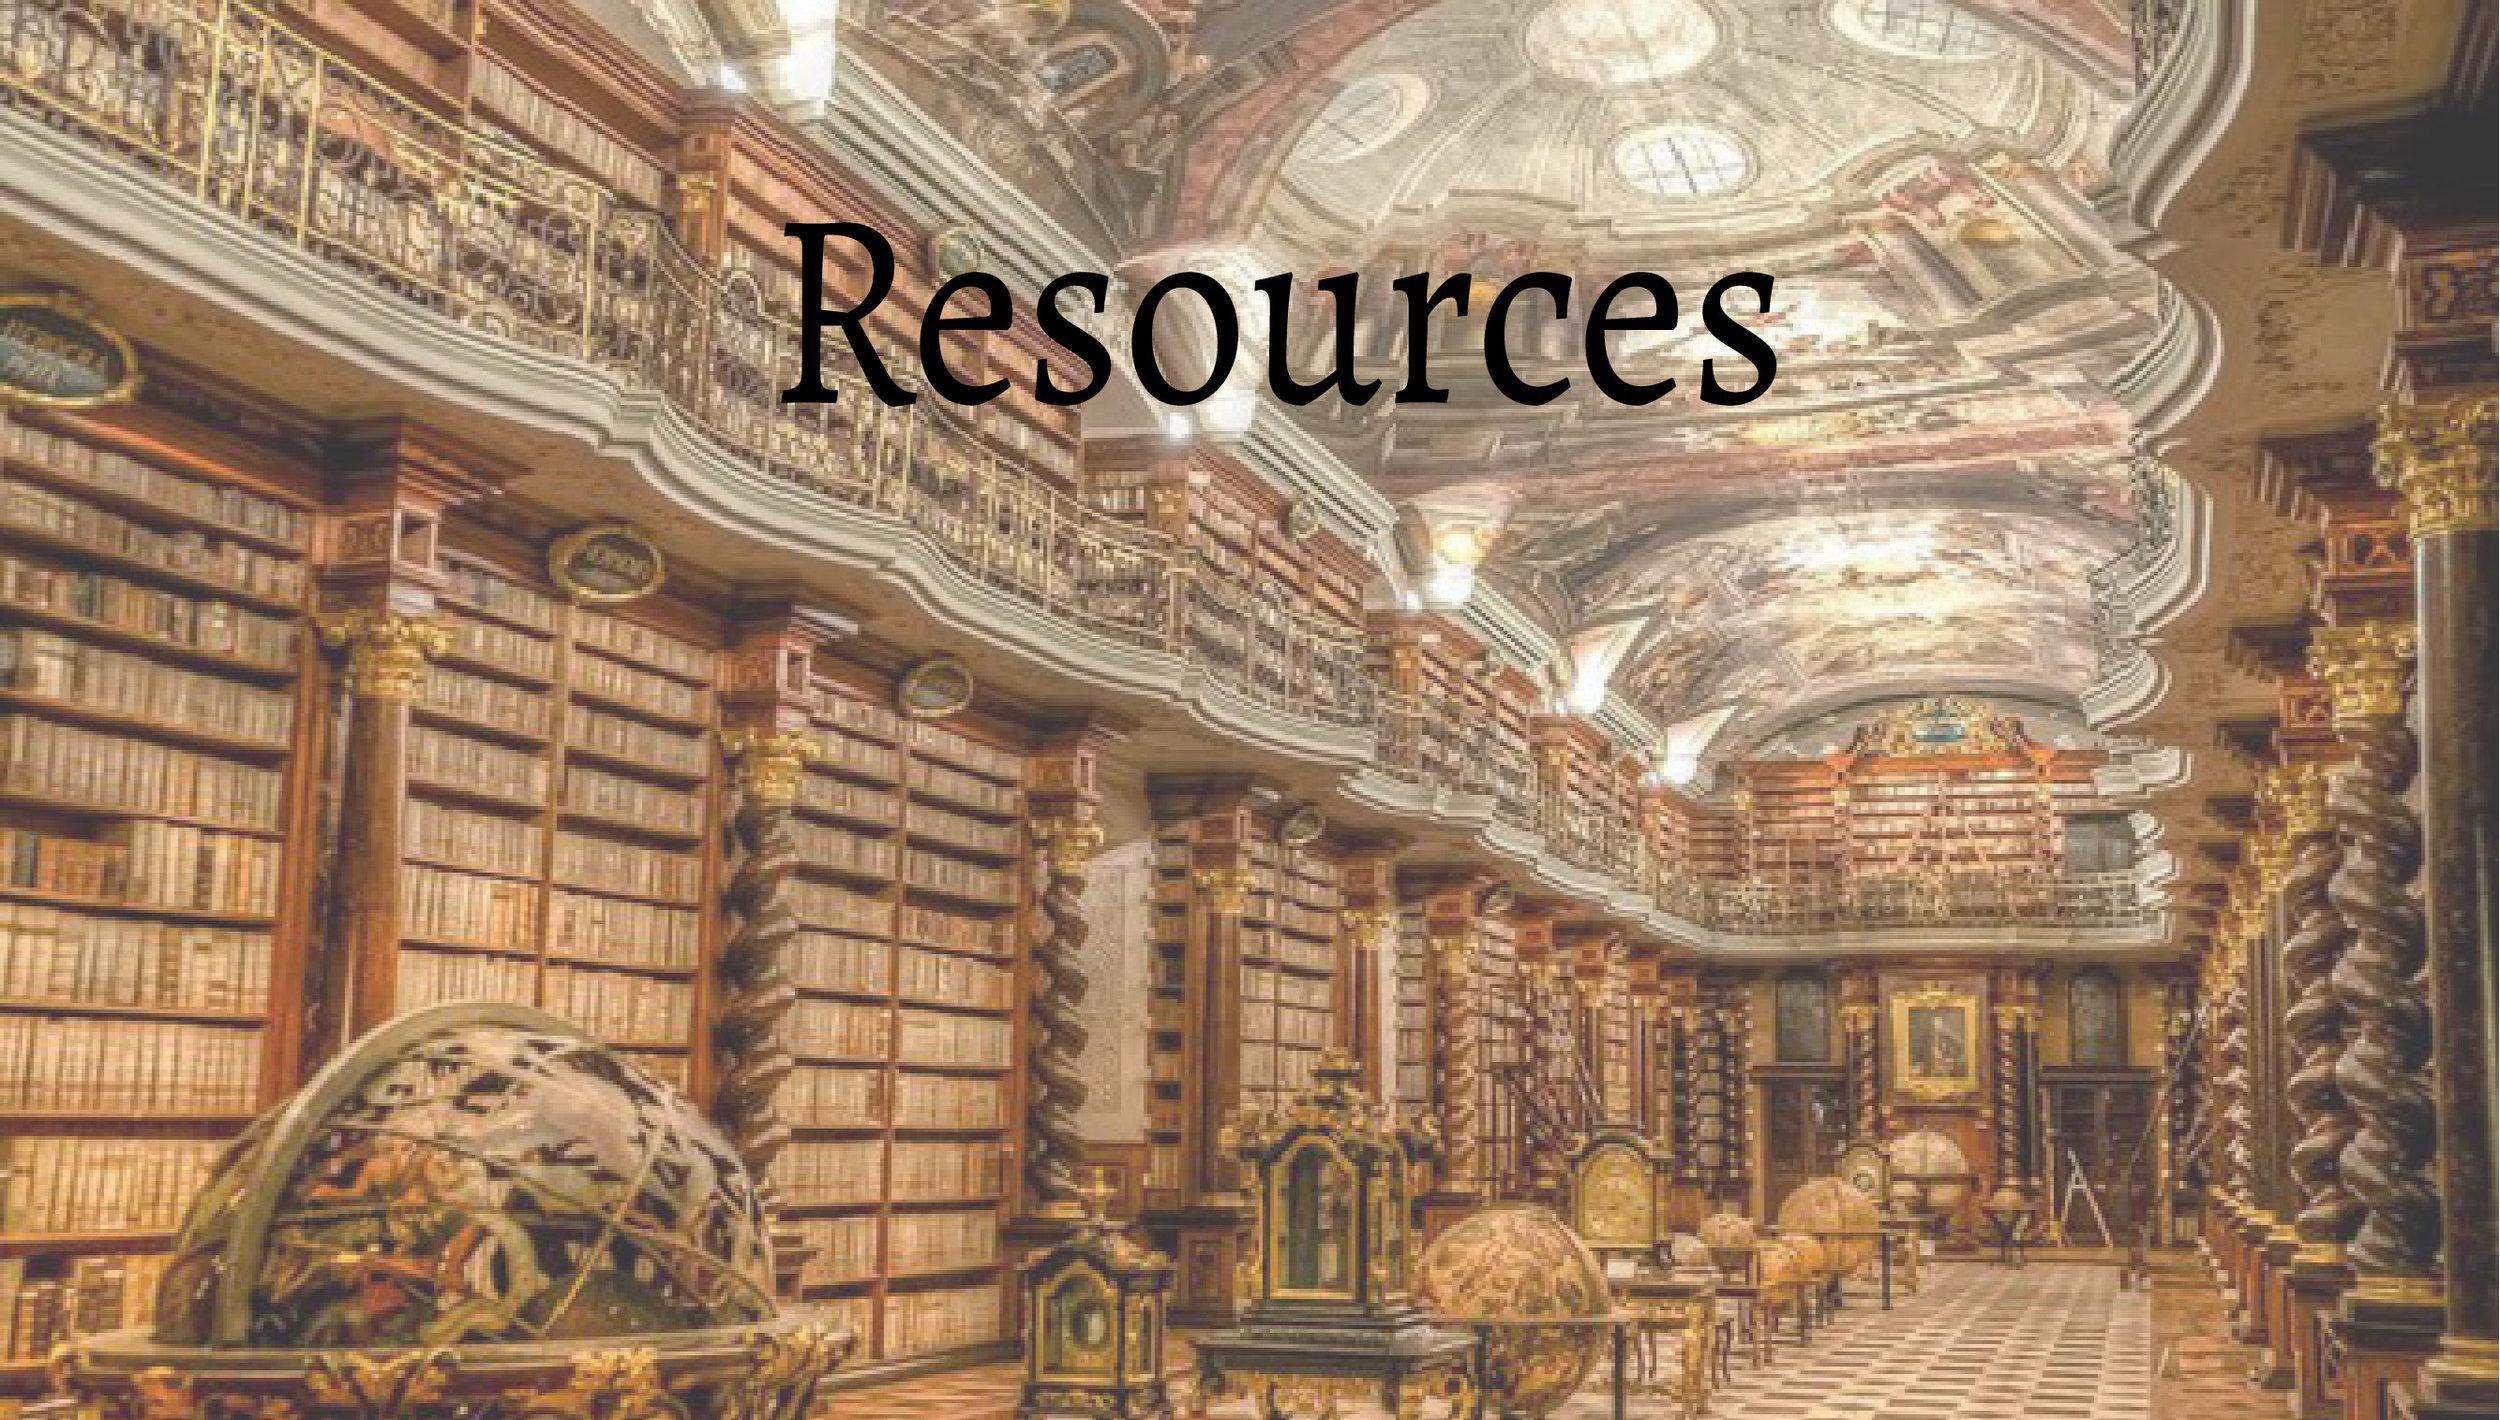 Resources-01.jpg